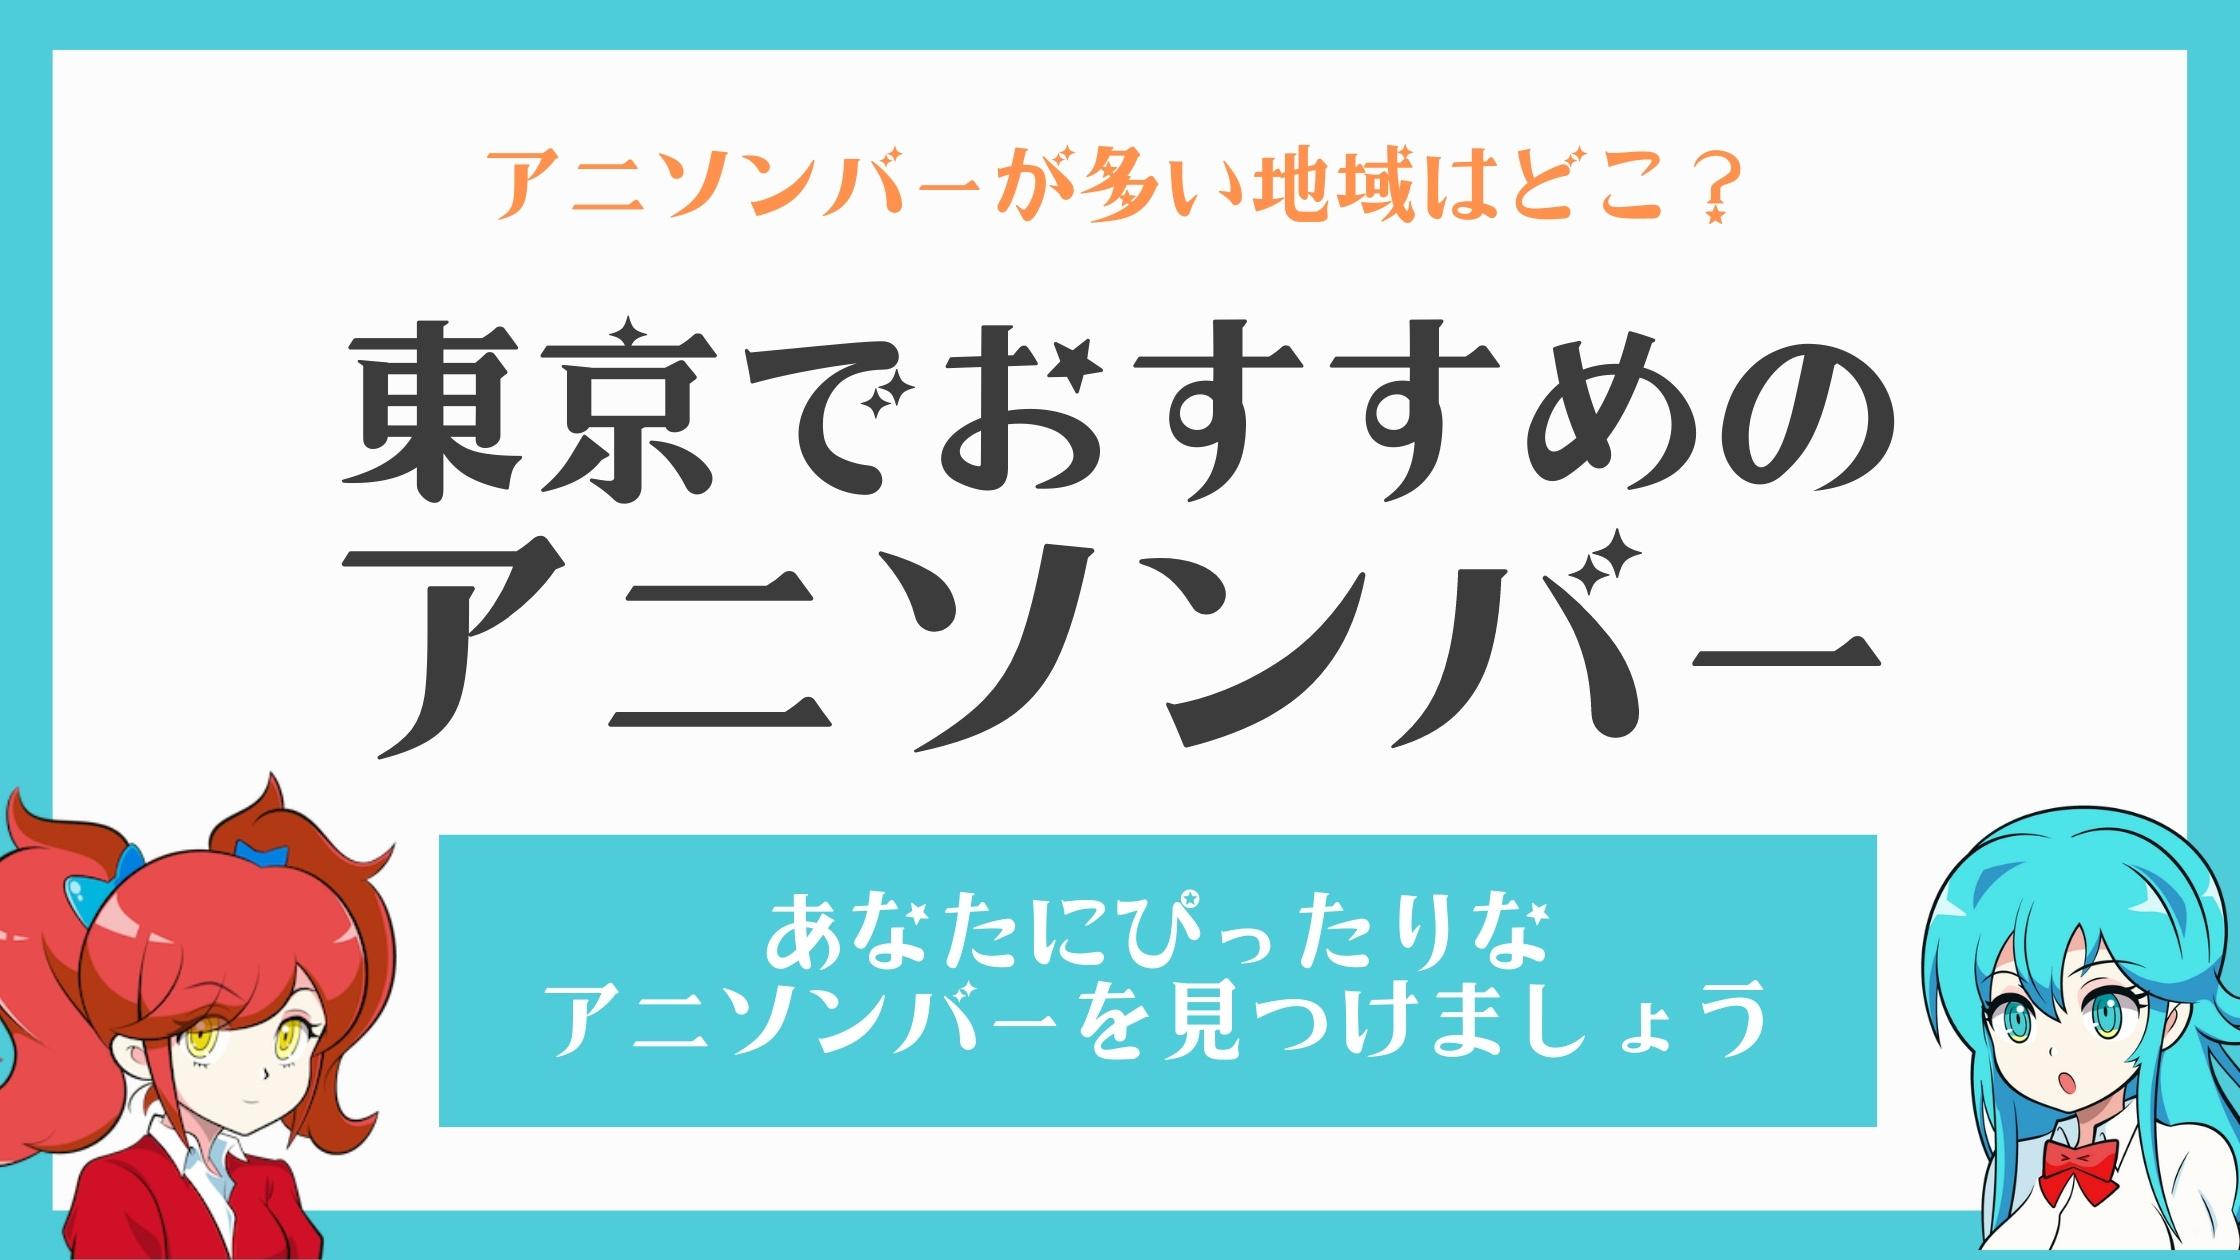 初心者・1人でも大丈夫 🙆♀️ 東京でおすすめのアニソンバー10選